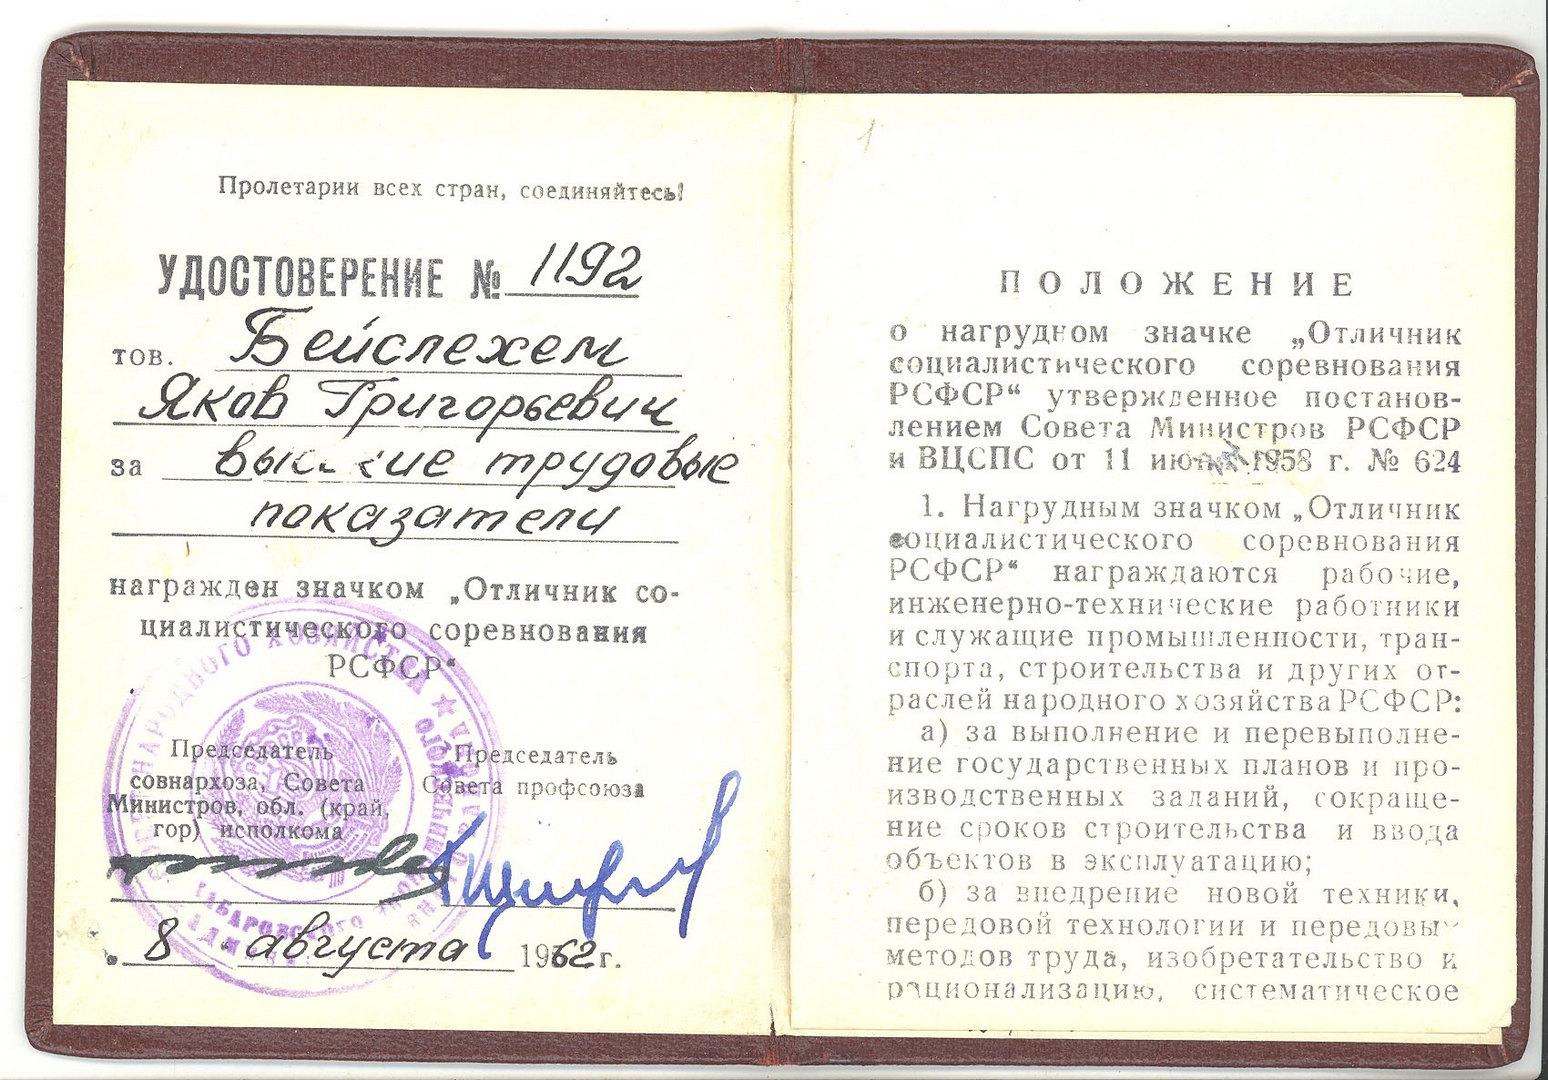 Удостоверение № 1192 к знаку «Отличник социалистического соревнования РСФСР»